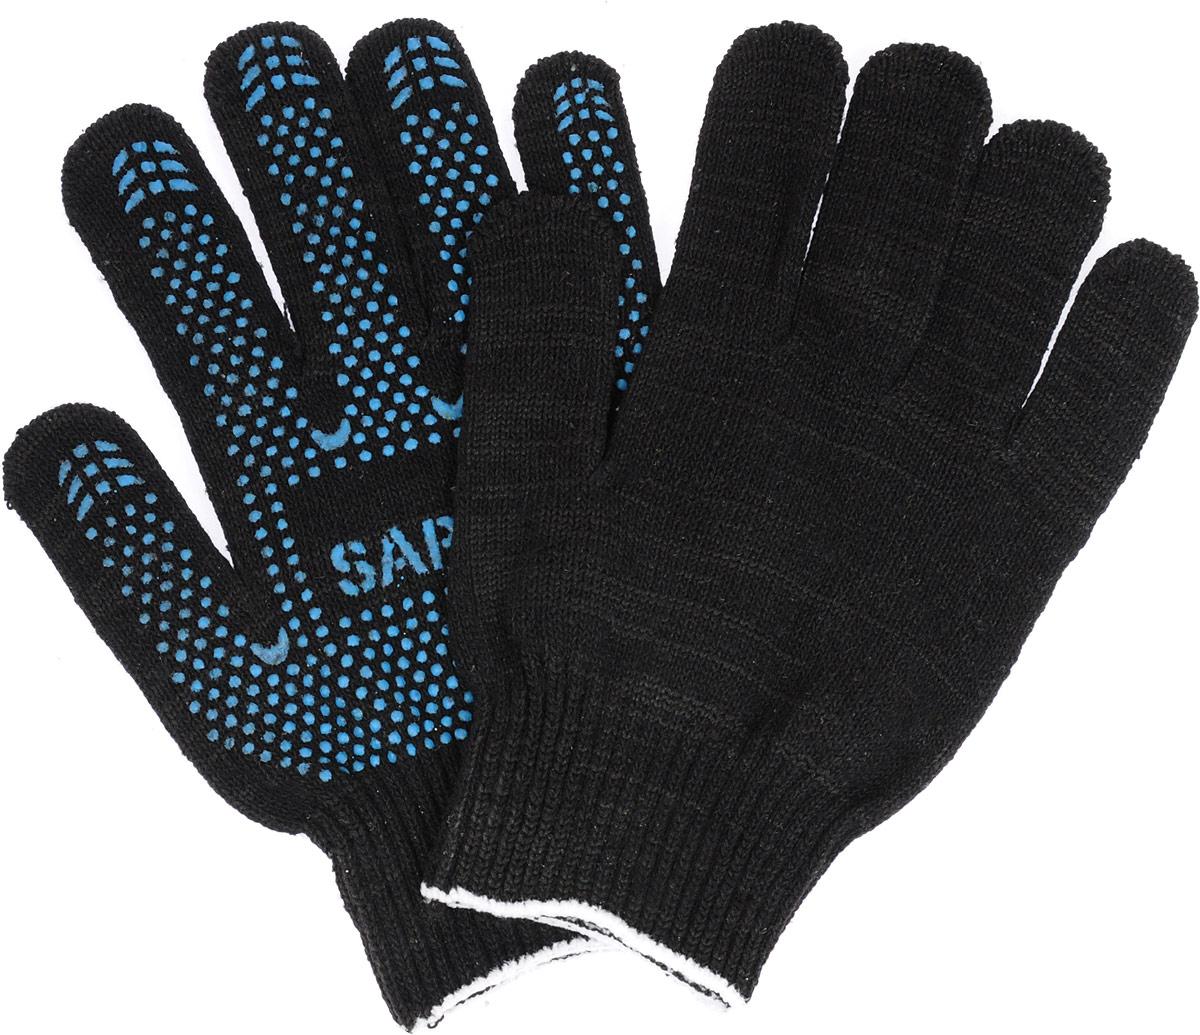 Перчатки Sapfire Стандарт531-105Перчатки Sapfire Стандарт характеризуются плотностью вязки и совокупной толщиной хлопчатобумажной и смесовой нити. Благодаря полимерному покрытию обеспечивается дополнительная стойкость к истиранию и защита от скольжения. Манжеты на резинке плотно обхватывают запястья. Мягкие перчатки удобно сидят по руке, не соскальзывая и не отвлекая от работы. Уважаемые клиенты! Обращаем ваше внимание на возможные изменения в цвете некоторых деталей товара. Поставка осуществляется в зависимости от наличия на складе.